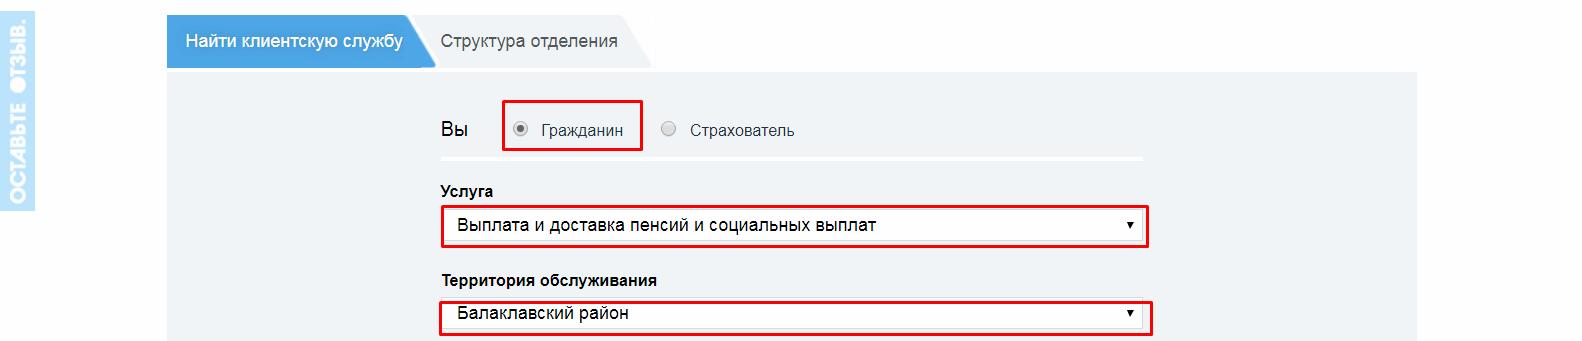 Пенсионный фонд Севастополь